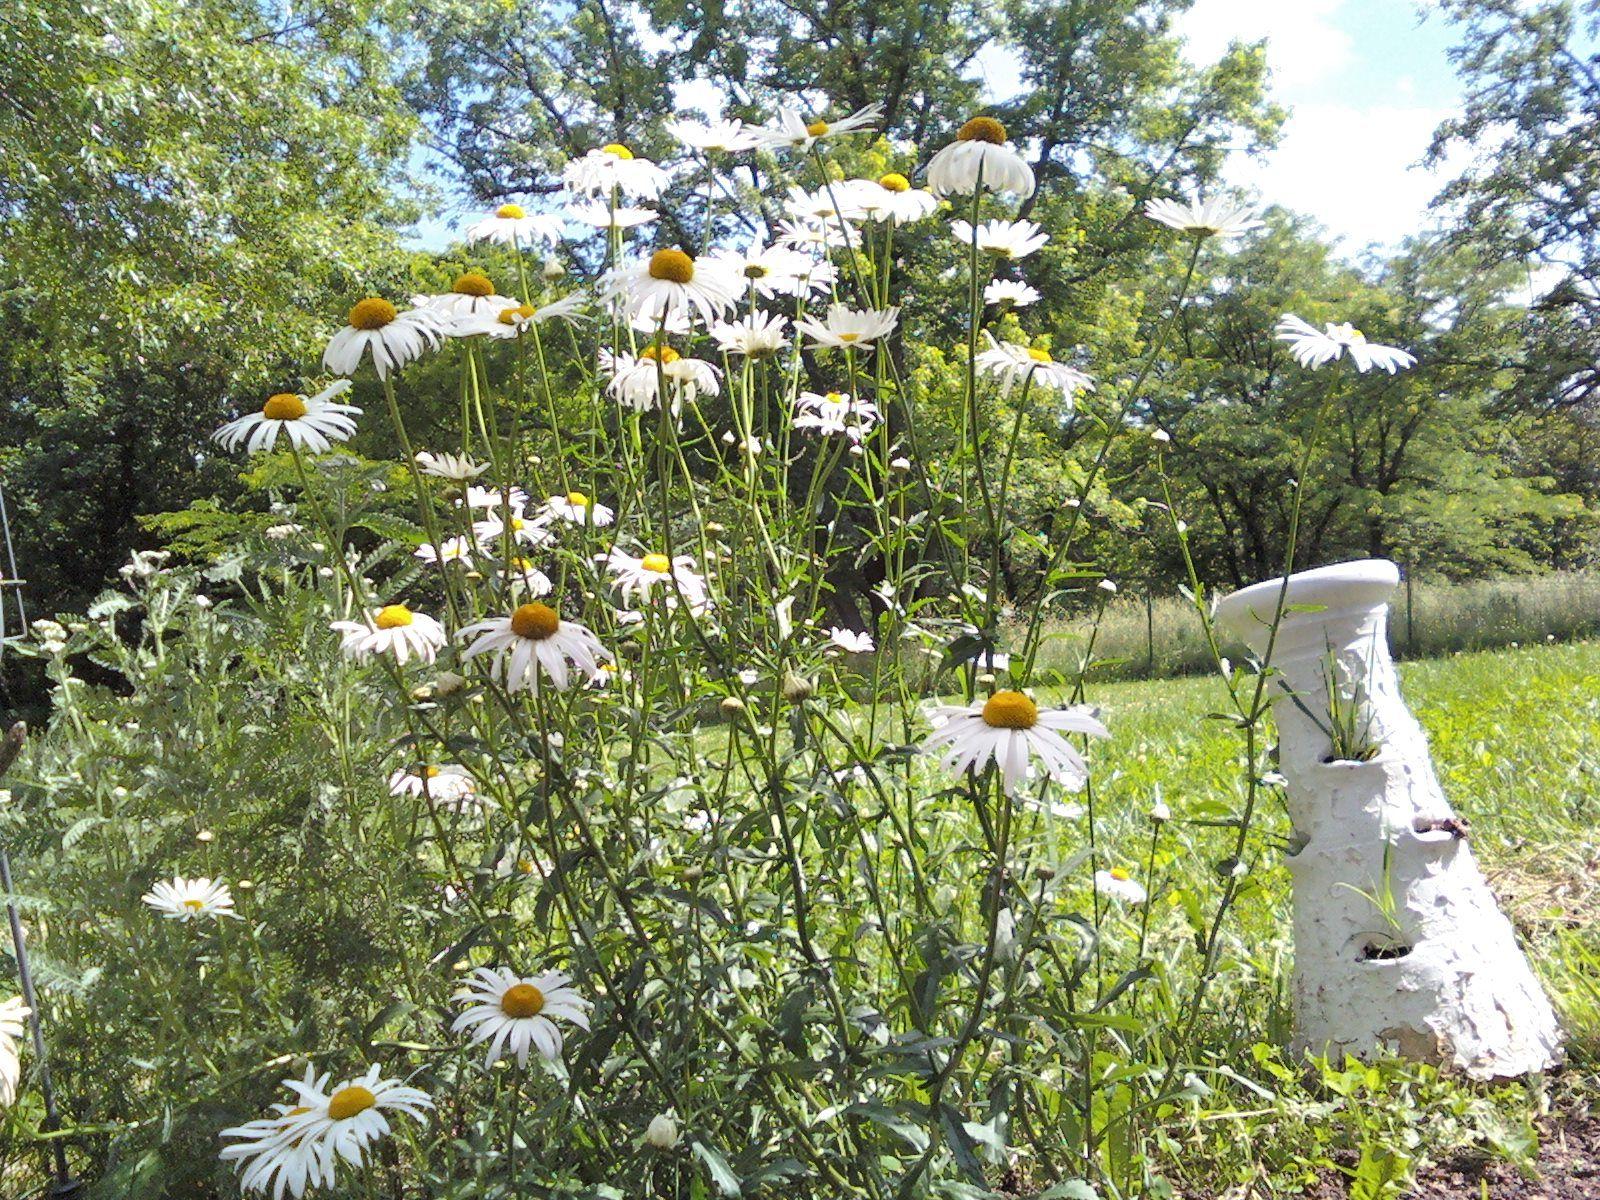 Flowers in June ... daisies